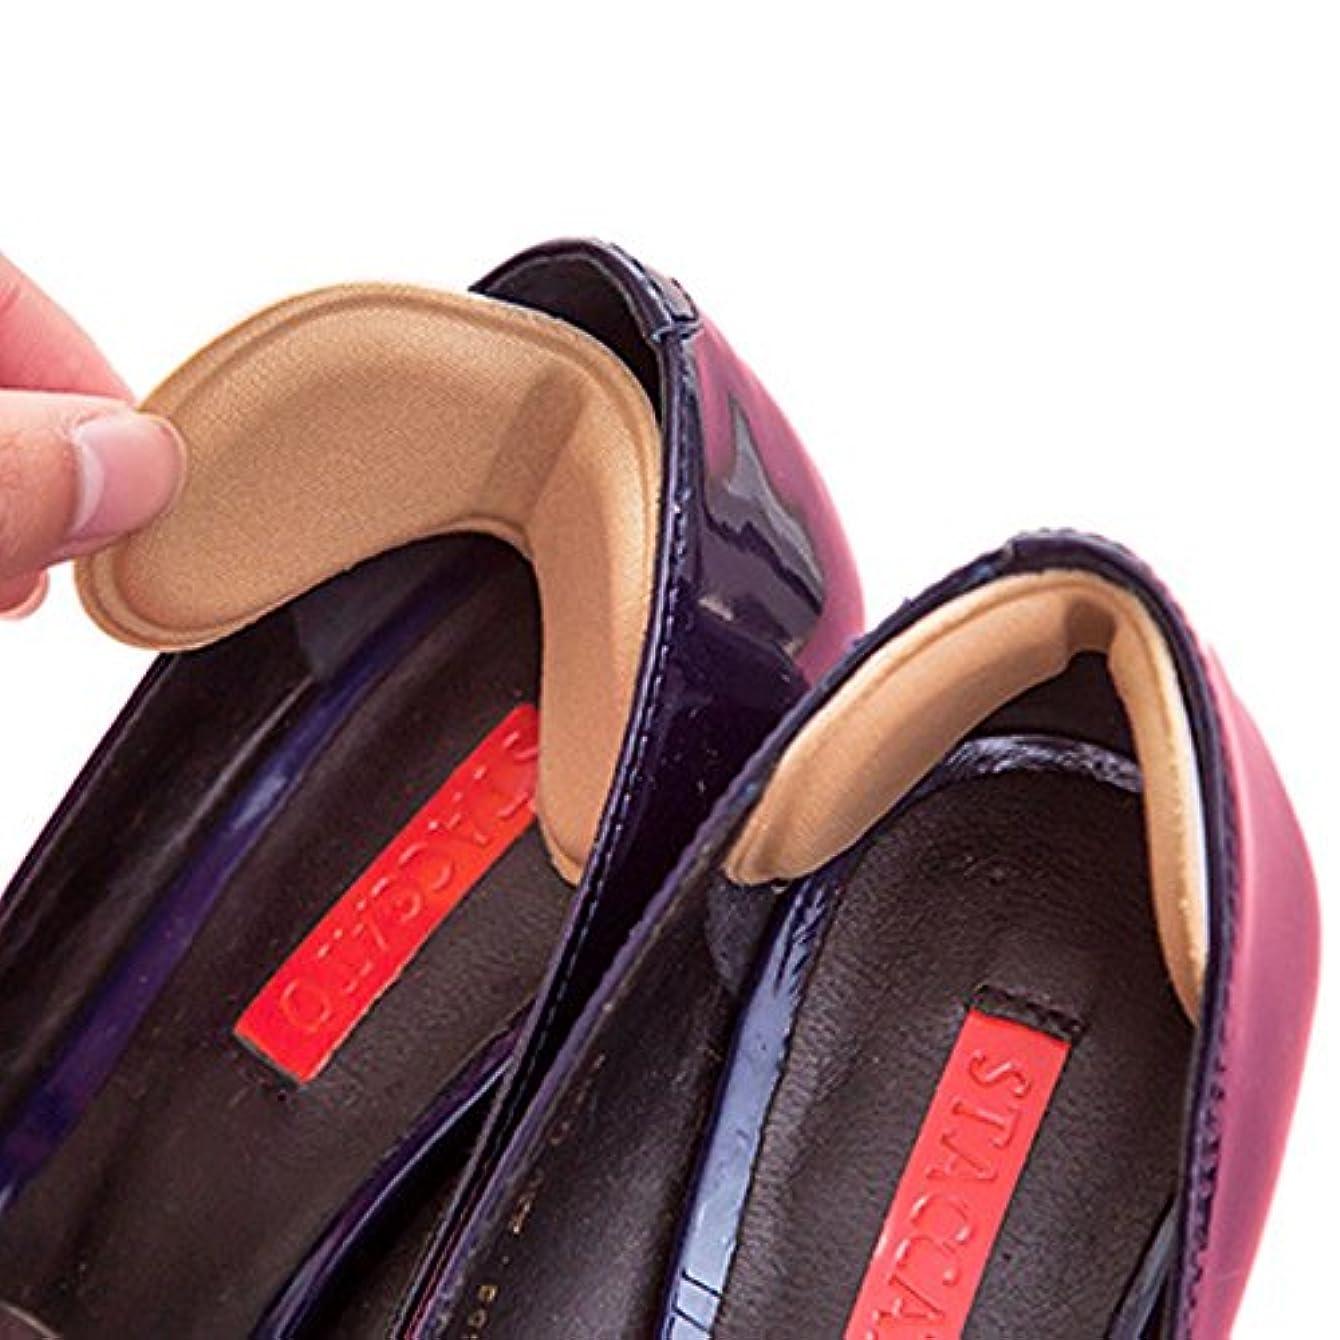 意志満員必要靴擦れ 半張りパッド 靴擦れ防止 防止かかと パカパカ防止 ハイヒール用 足裏保護 インソール 靴のサイズ調整 四組入り